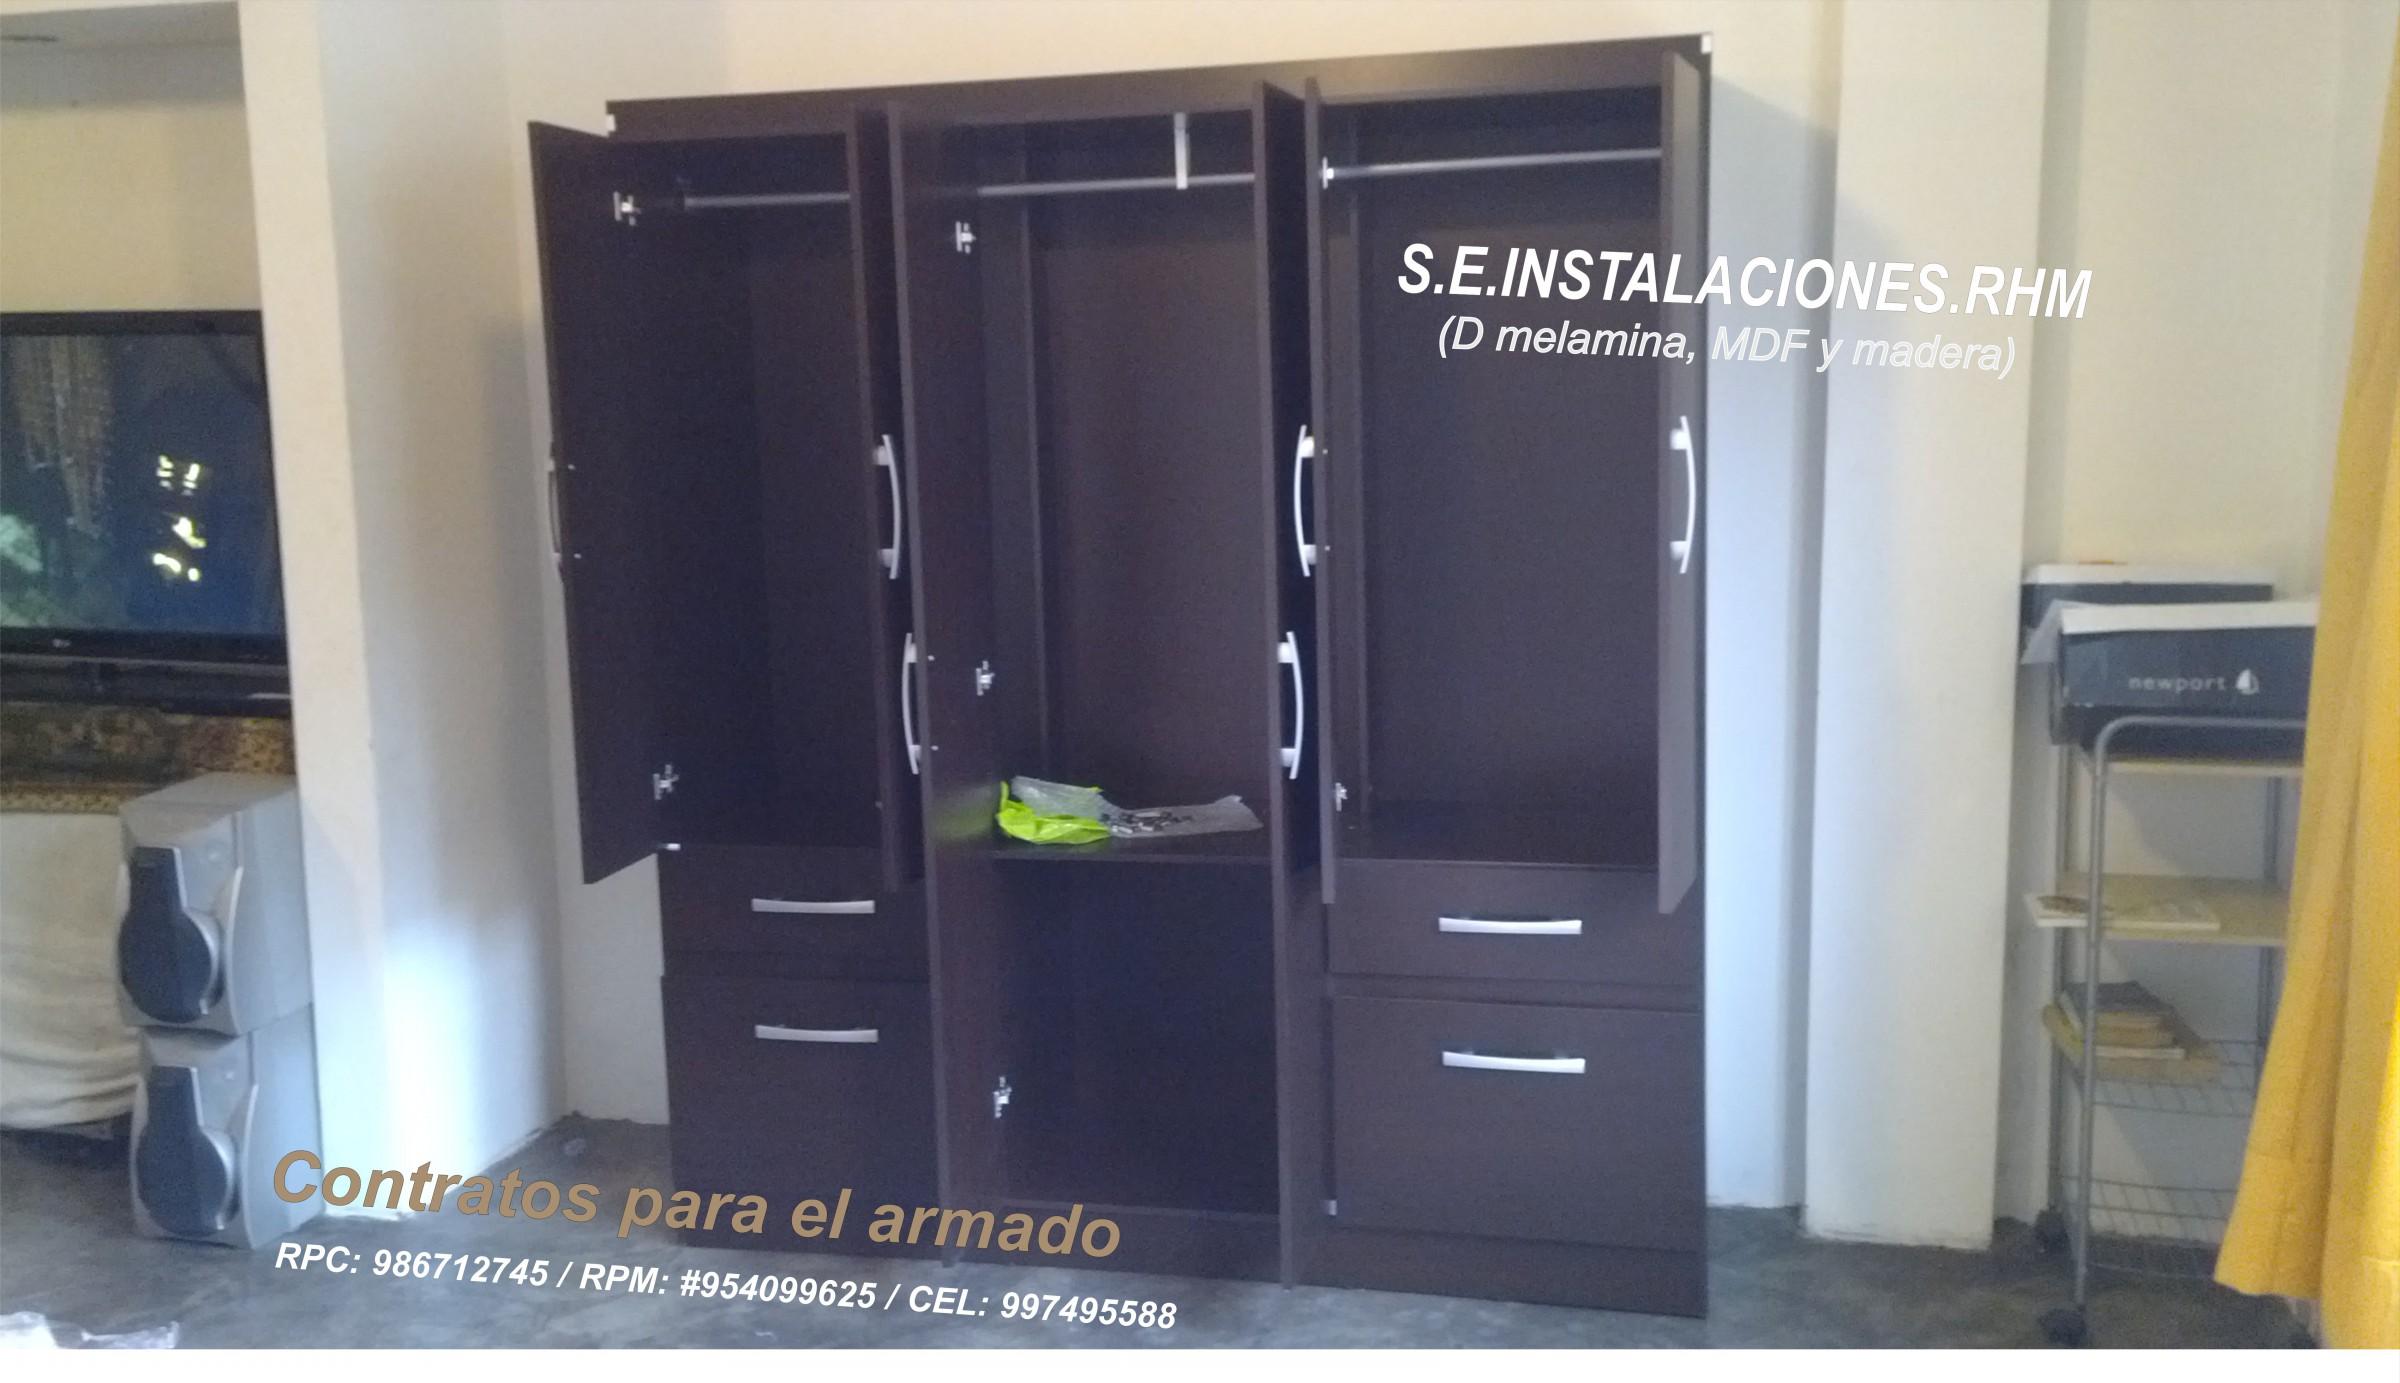 Desarmado y armado de armarios de promart ripley paris for Puertas correderas sodimac